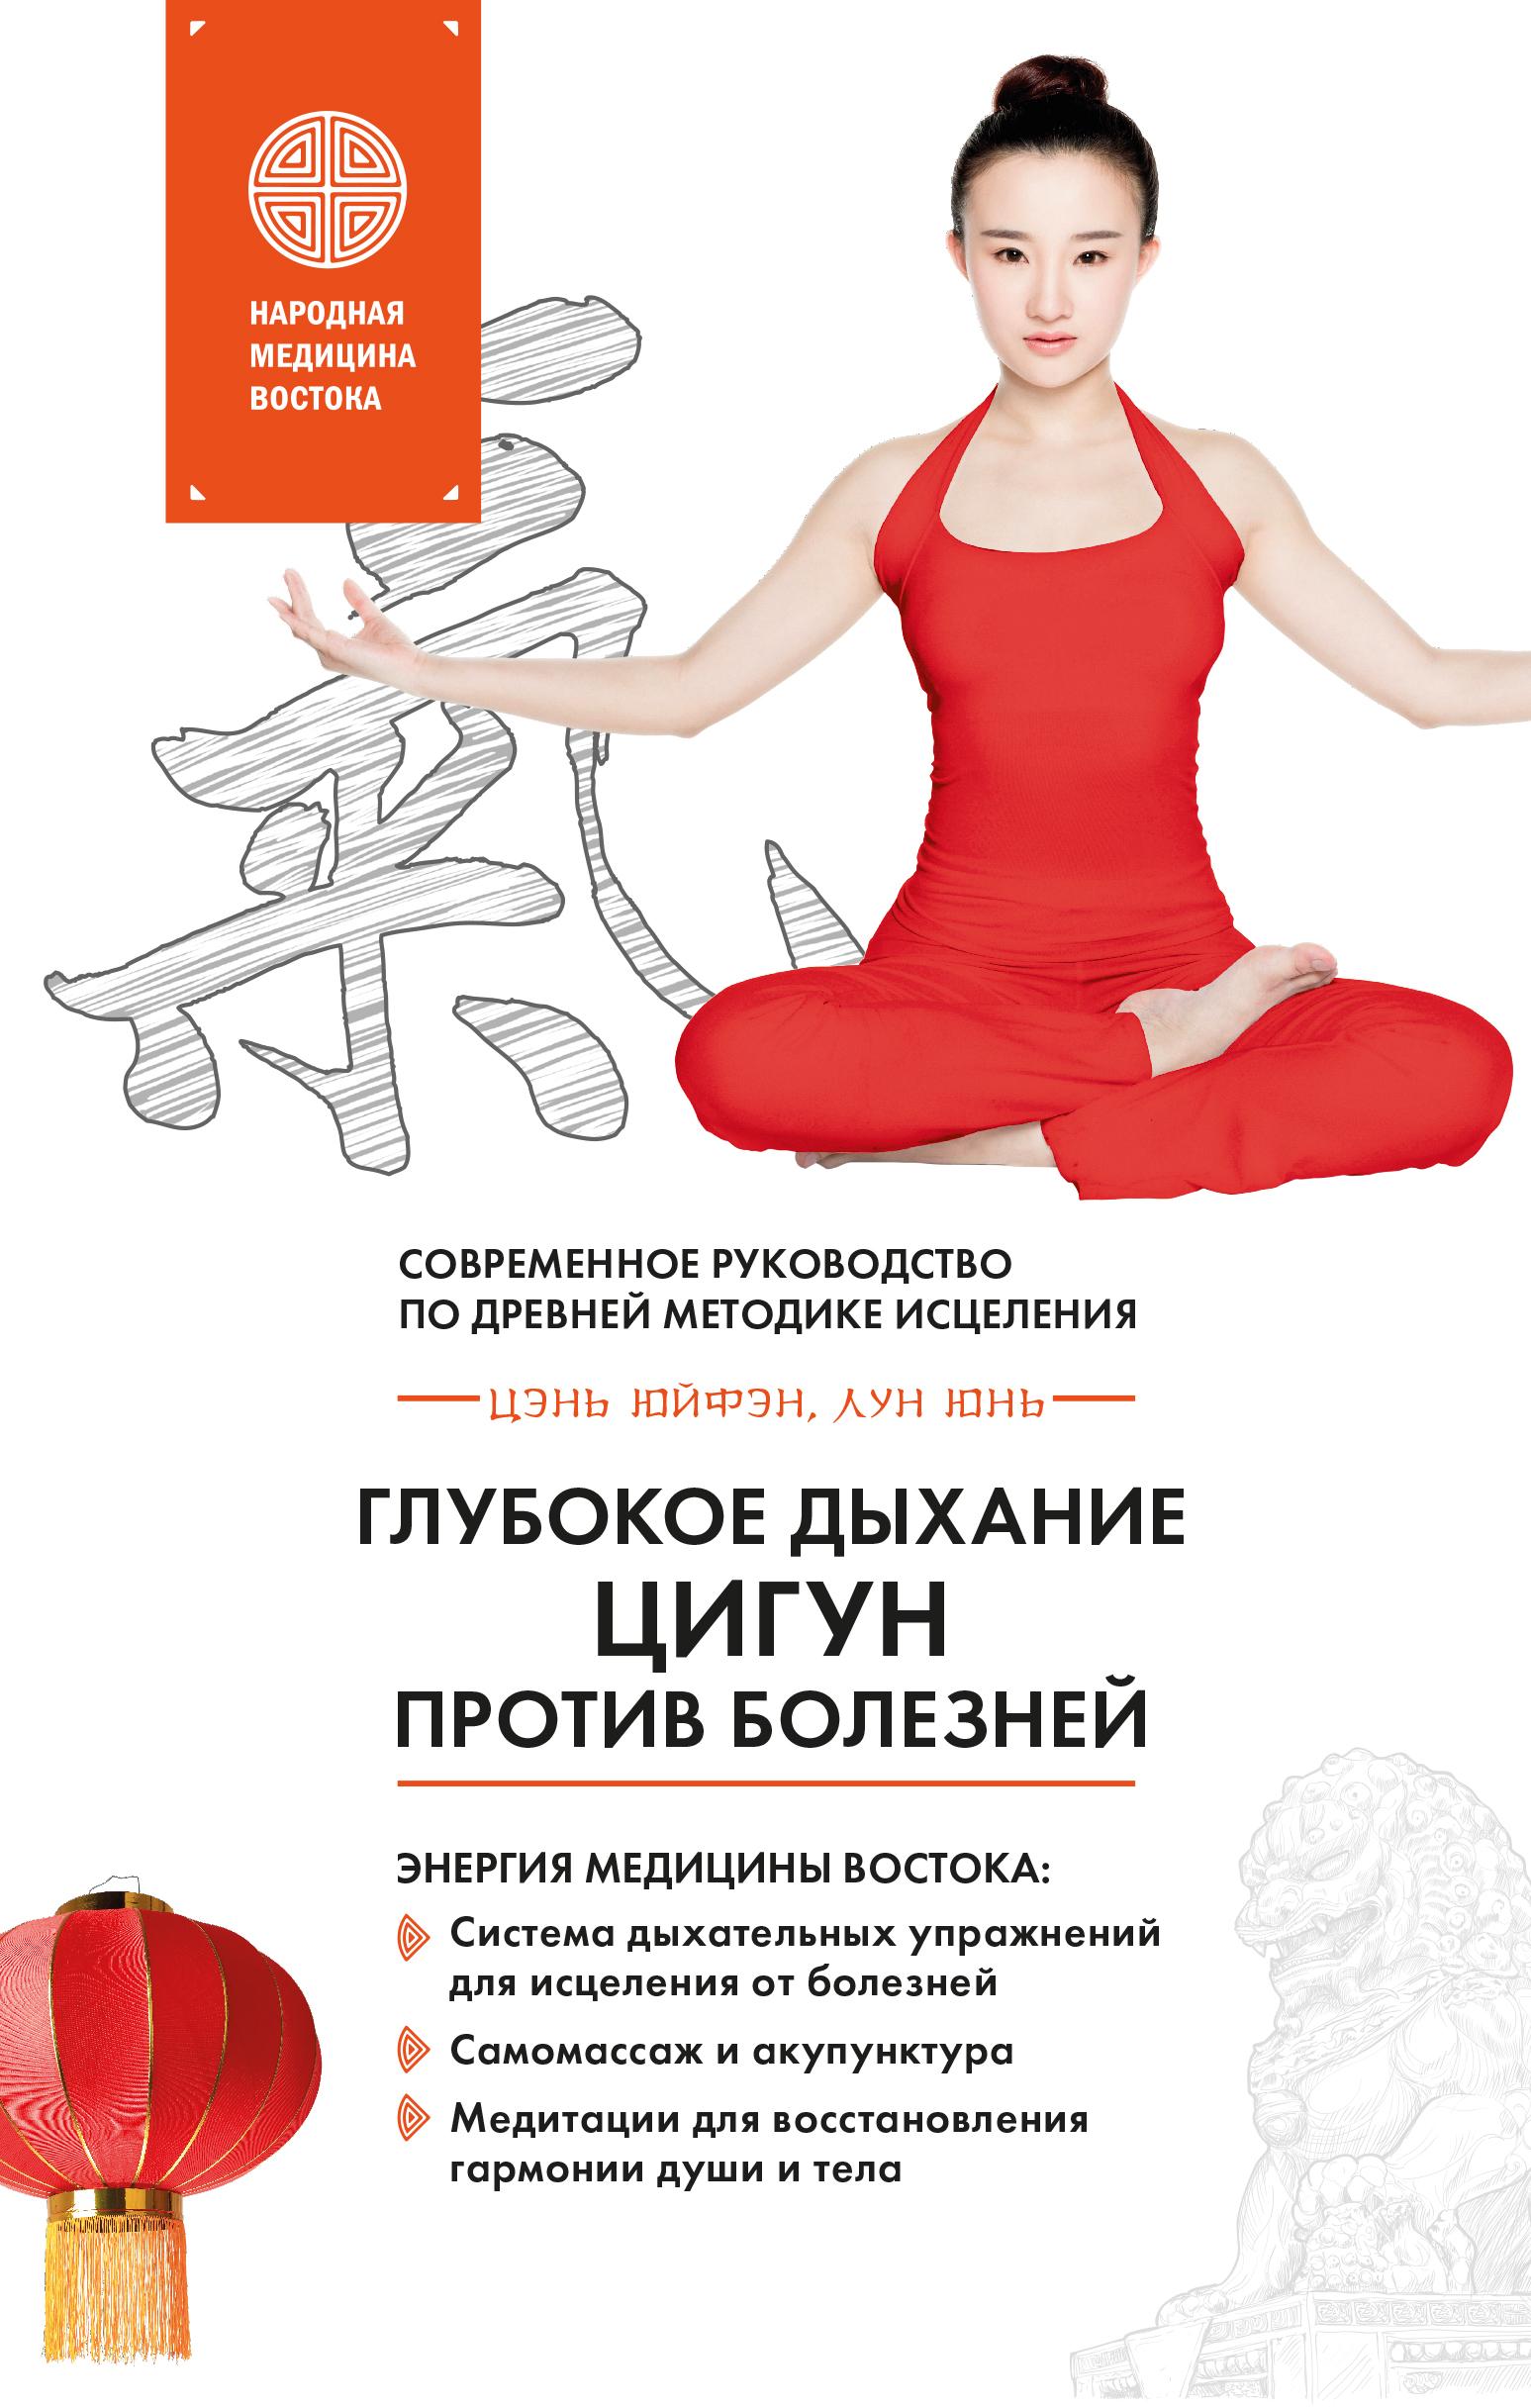 Юнь Лун Глубокое дыхание Цигун против болезней. Современное руководство по древней методике исцеления церин п тибетская медицина современное руководство по древней методике исцеления